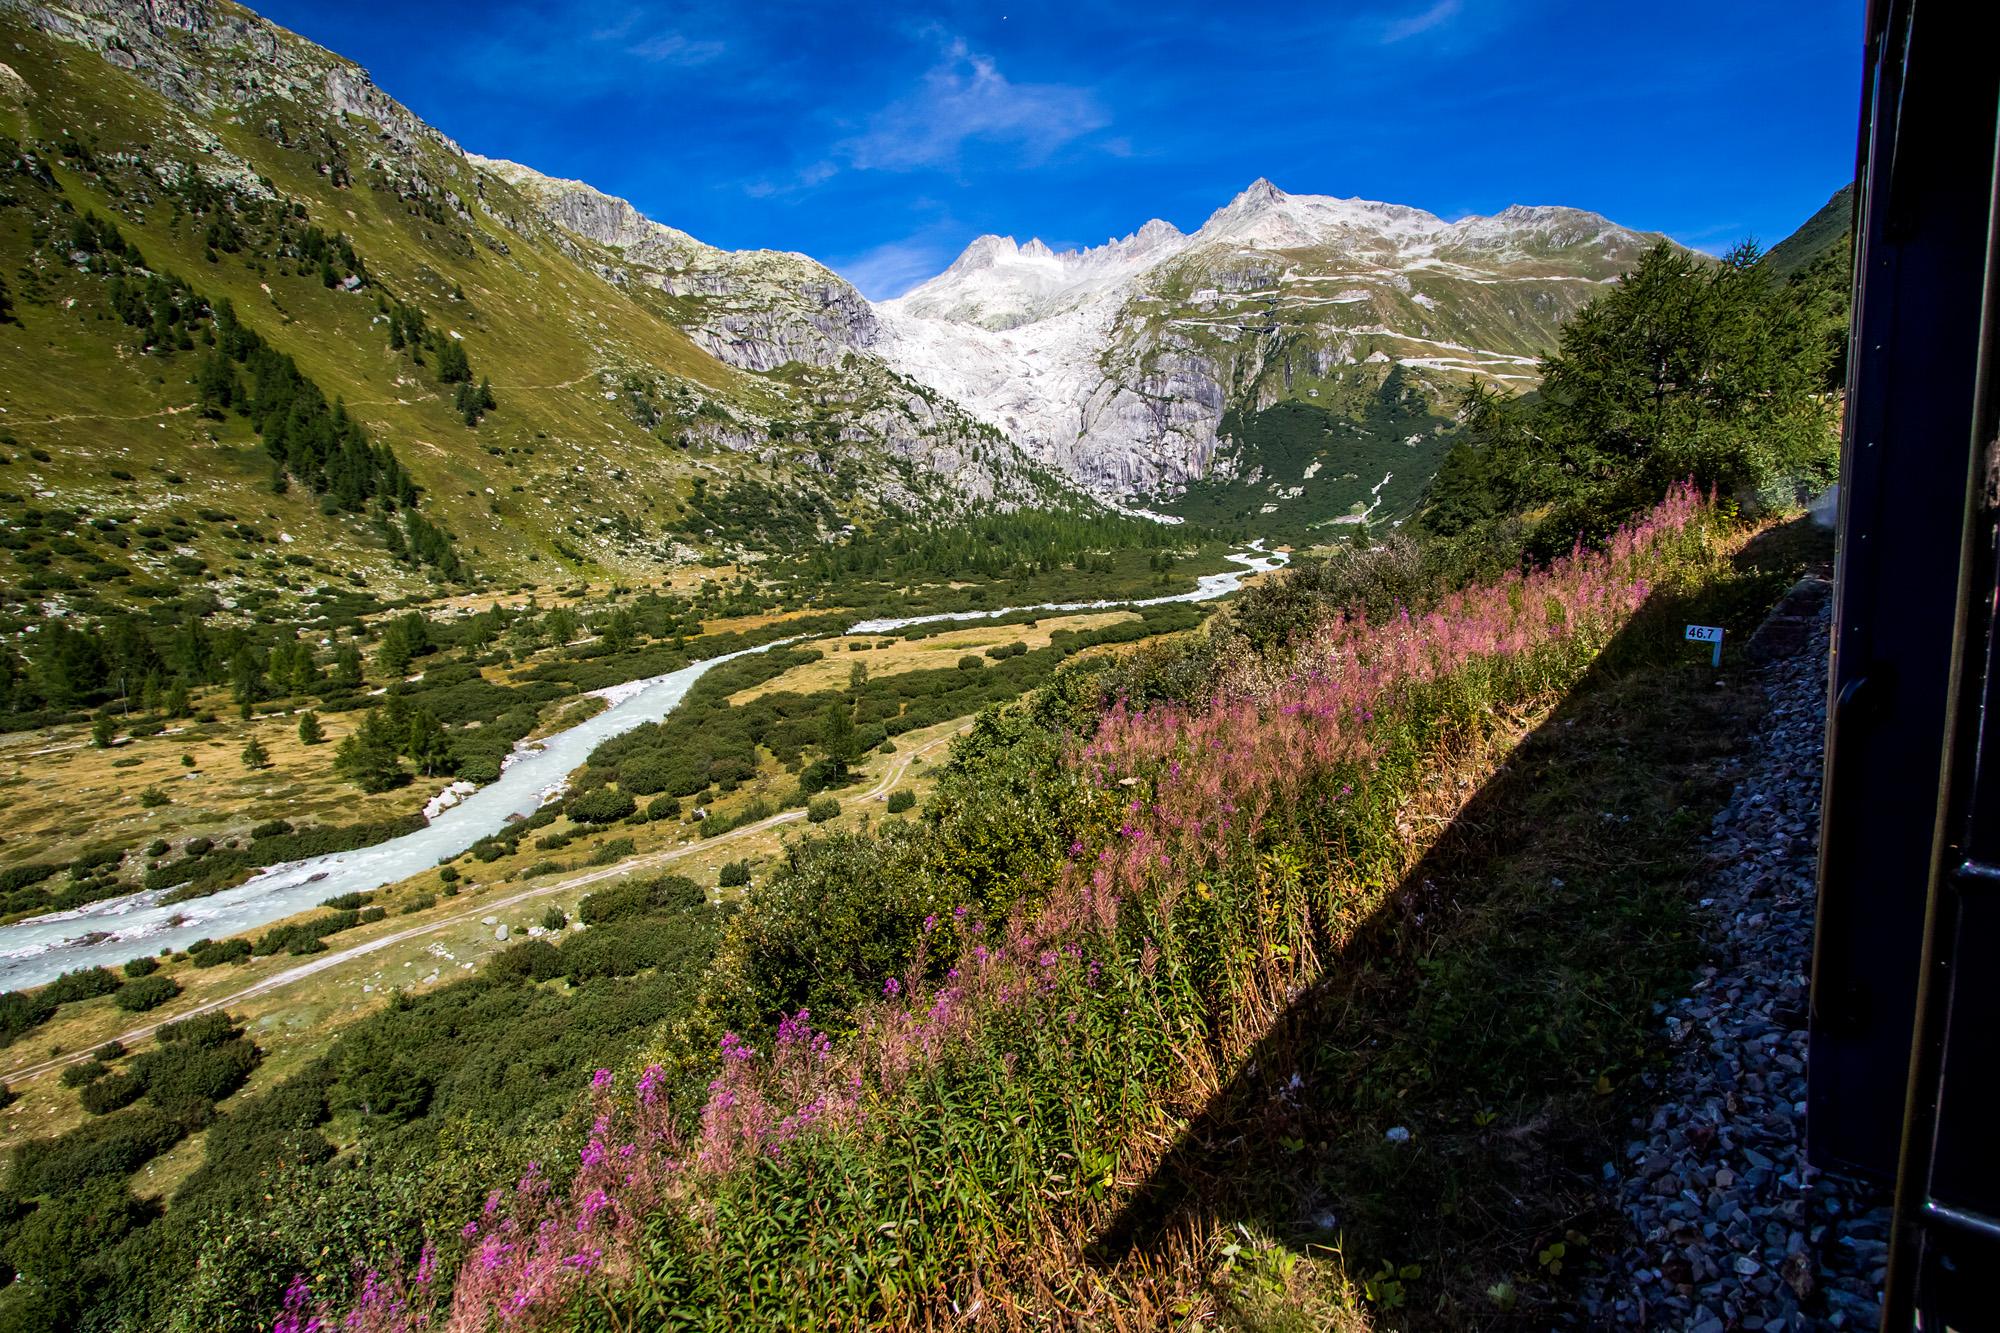 Einfach atemberaubend; die Landschaft hinter Gletsch gefällt mir hervorragend!